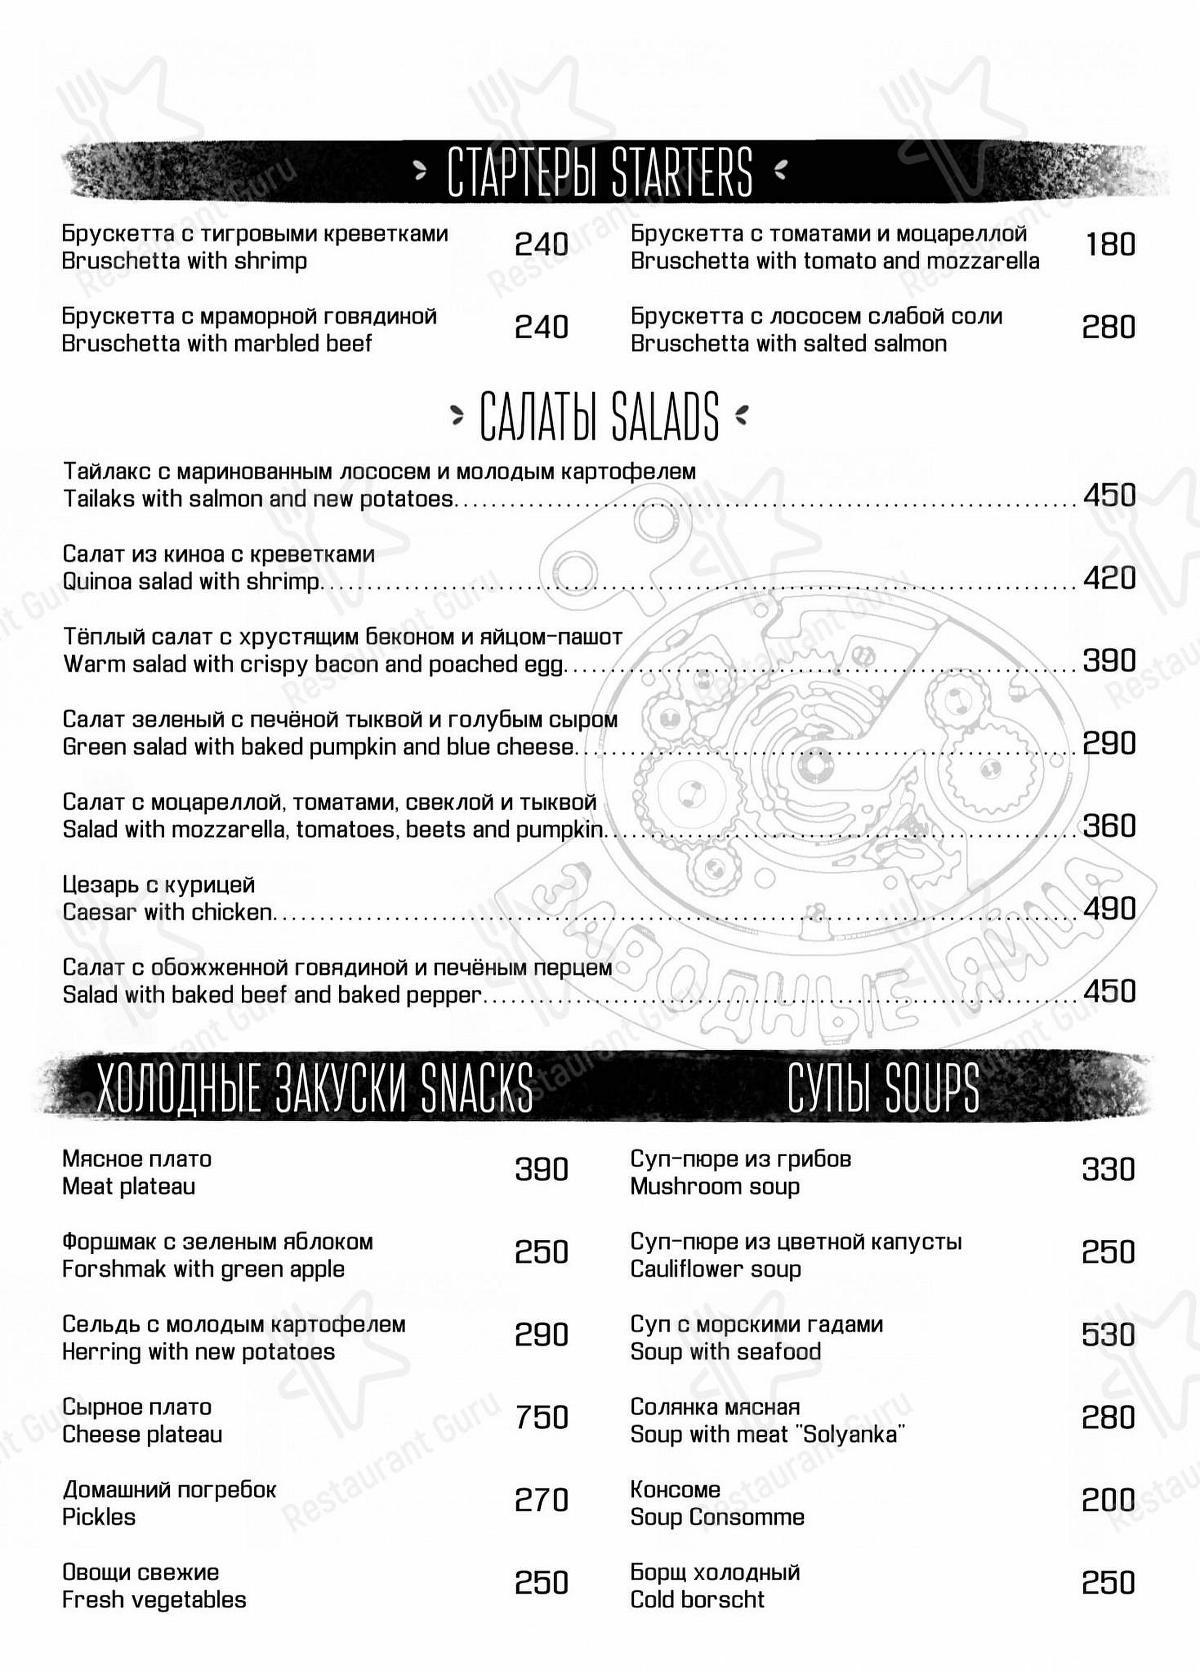 Menu for the Заводные Яйца cafe